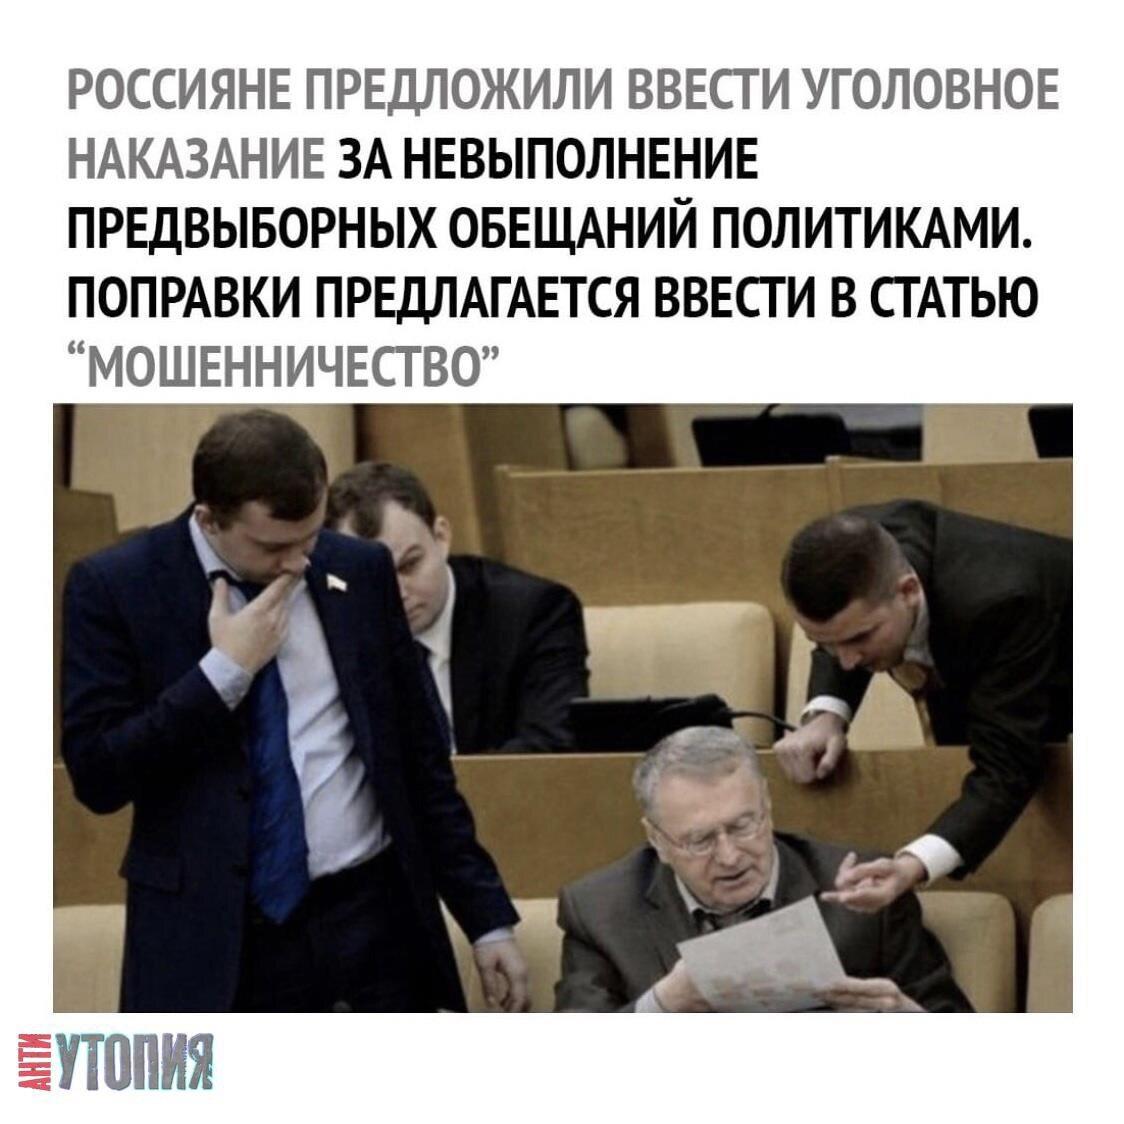 АНТИУТОПИЯ  УТОПИЯ 210968